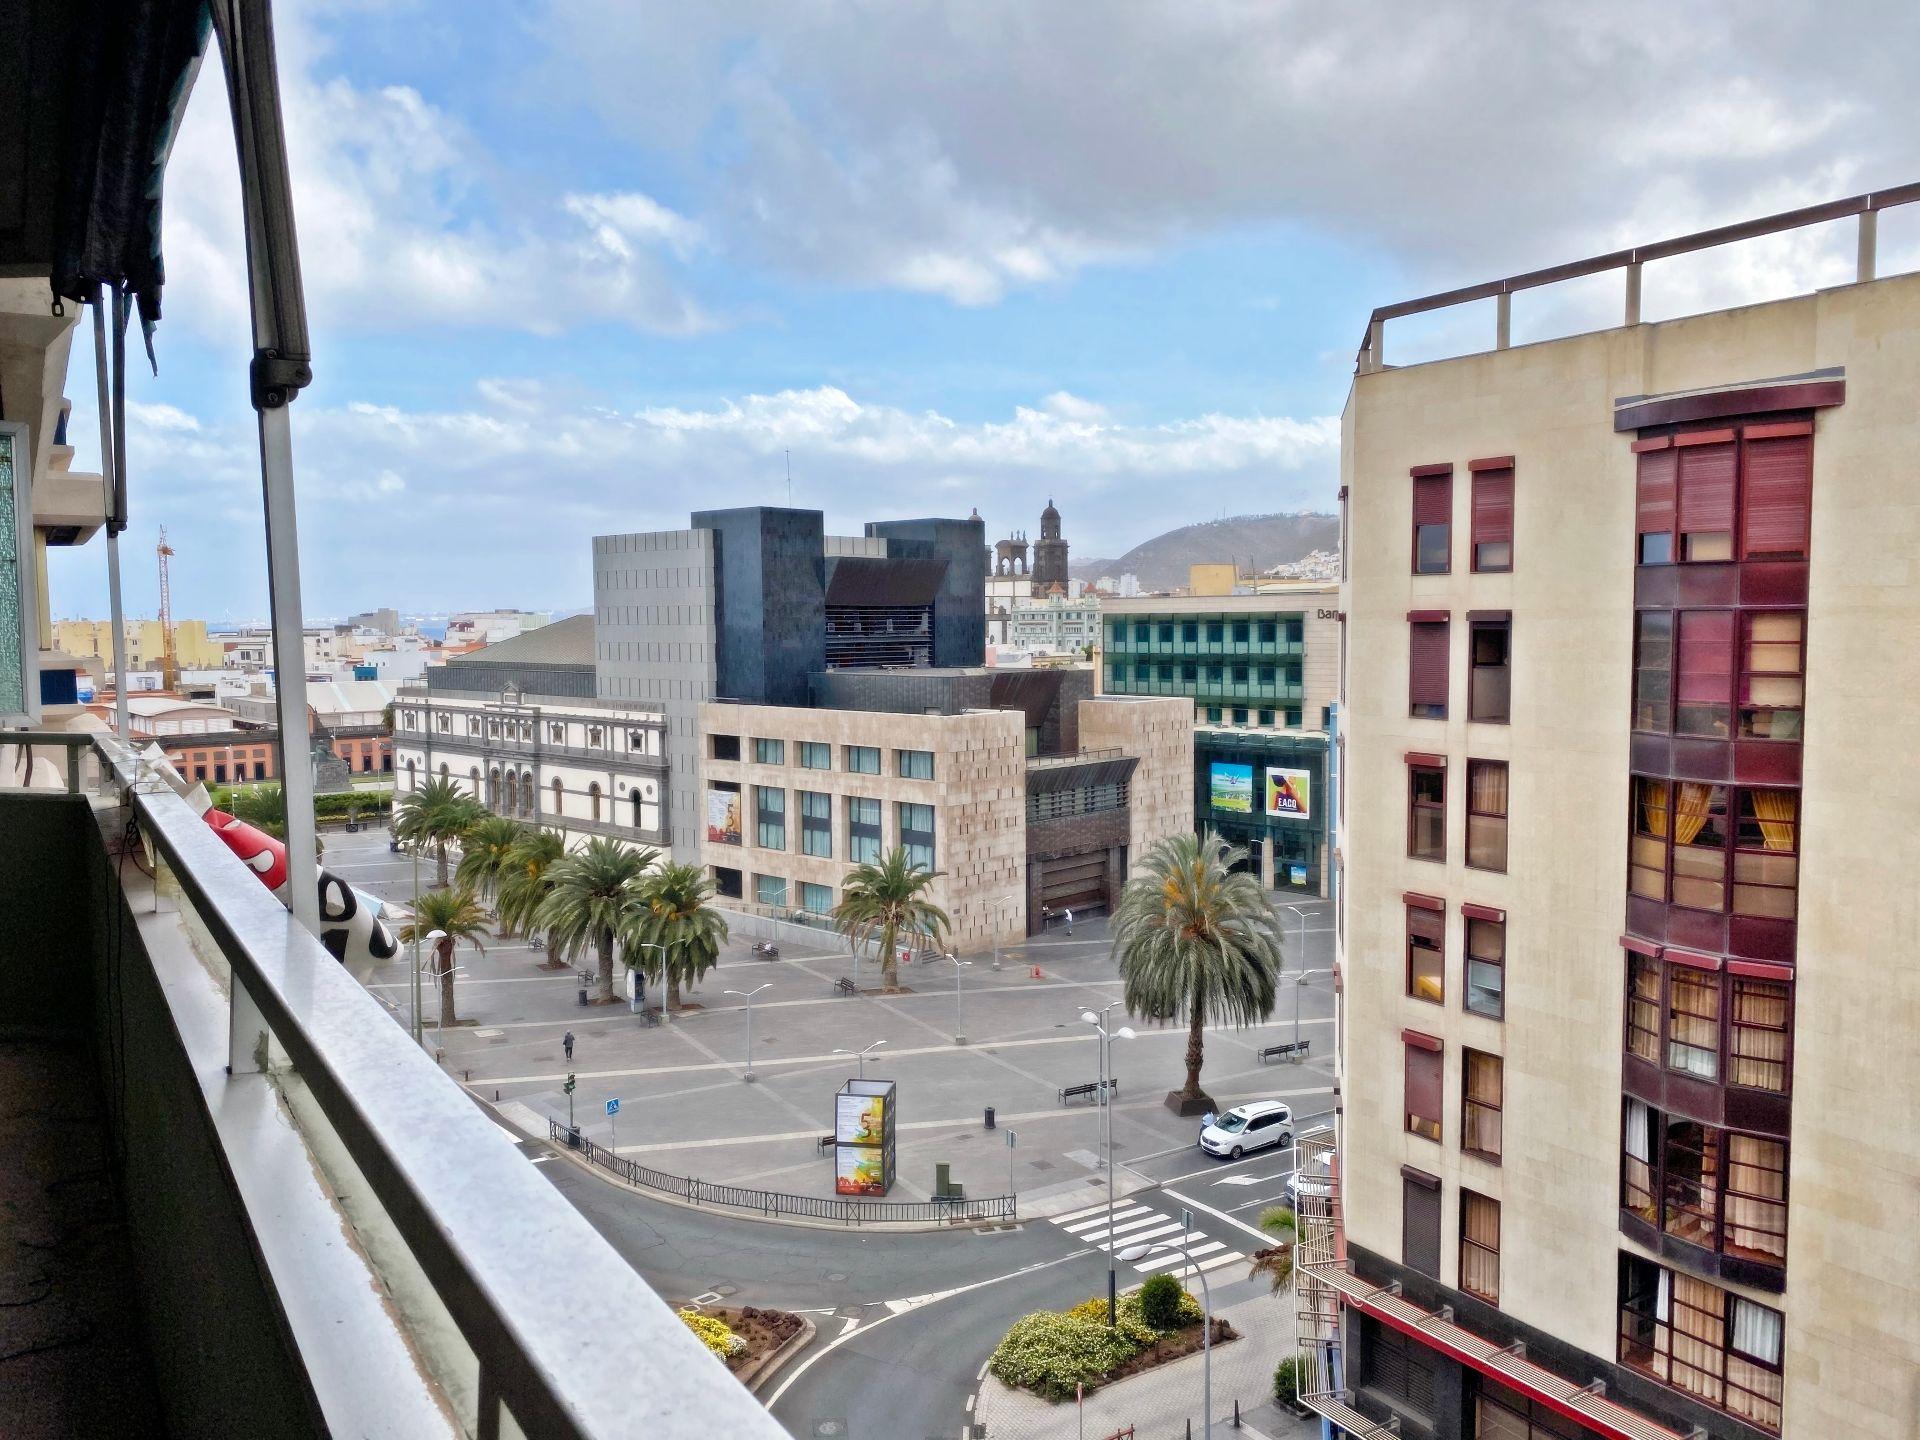 Piso en Las Palmas, Las Palmas de Gran Canaria, venta